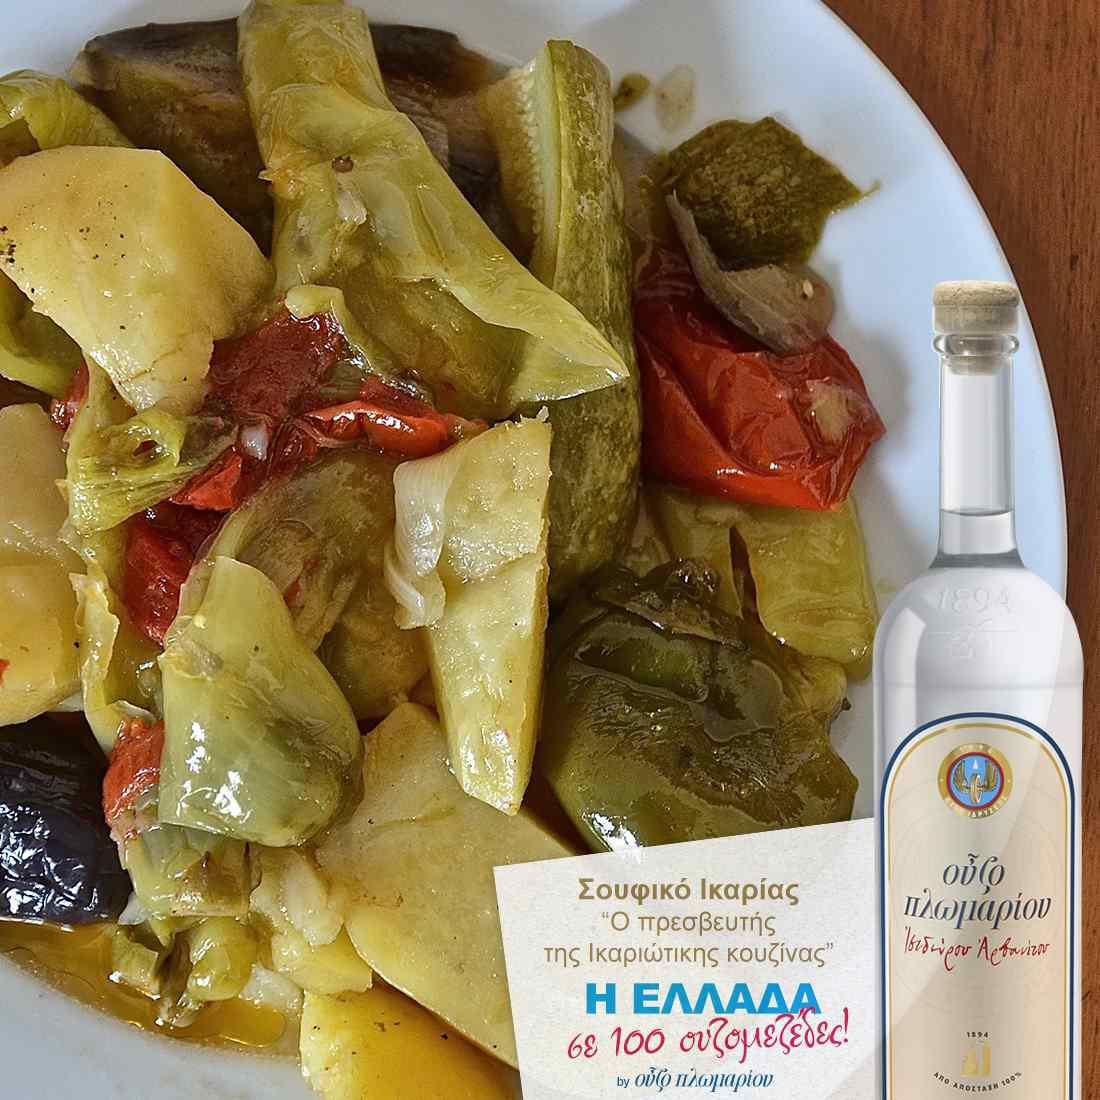 Σουφικό Ικαρίας - Ουζομεζέδες - Greek Gastronomy Guide